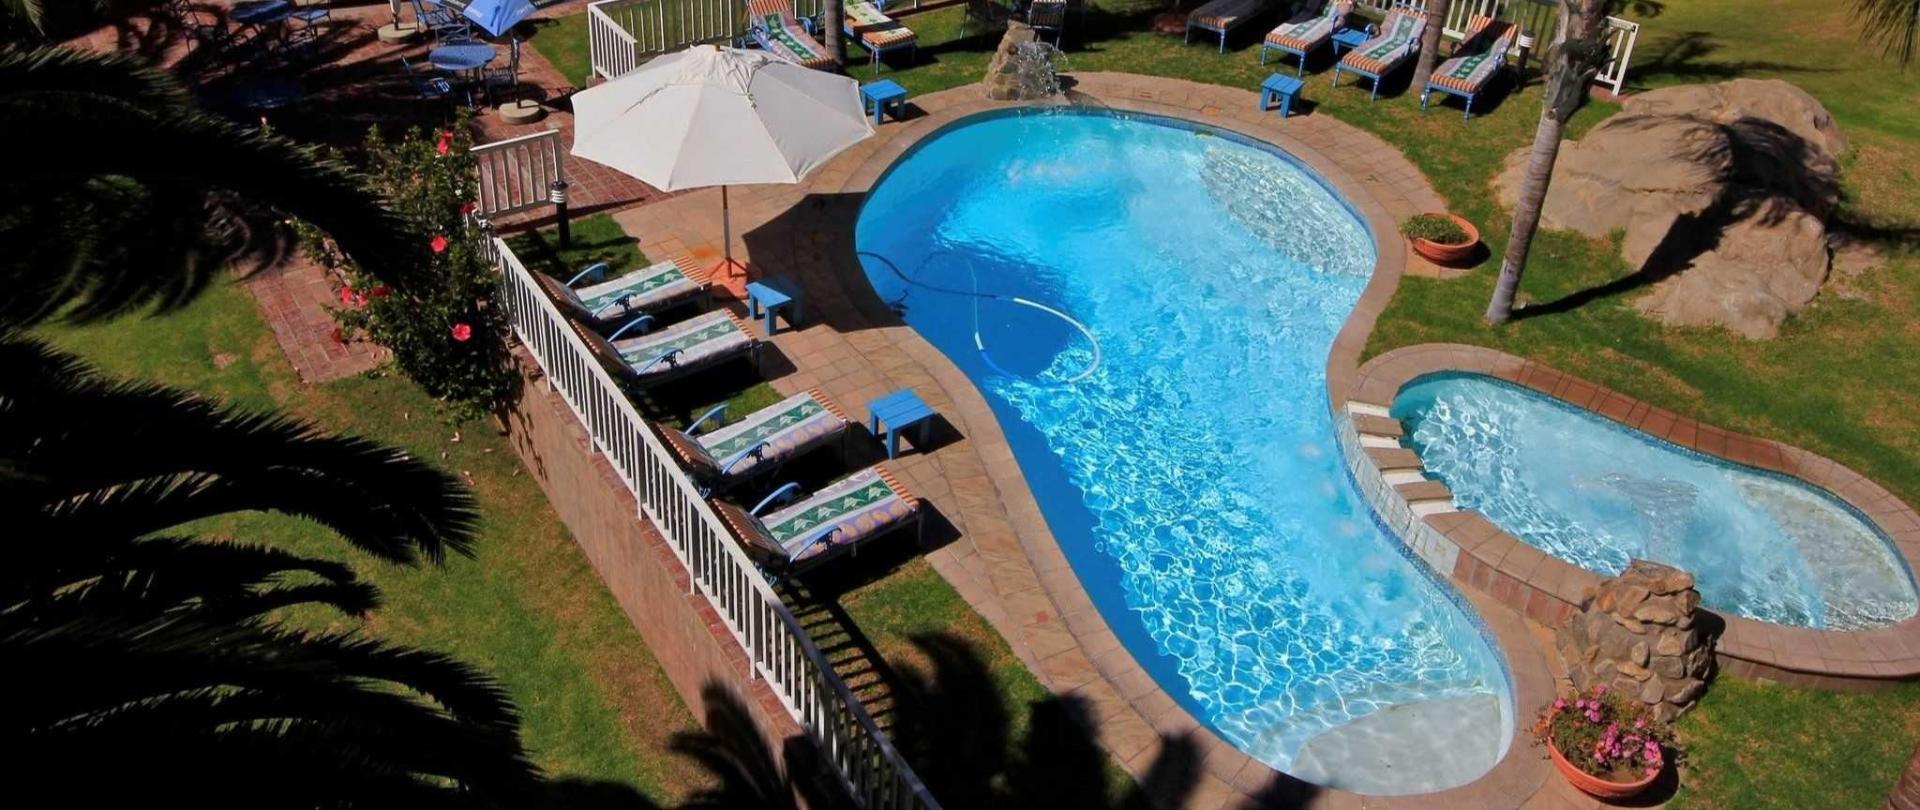 nest-hotel-pool-overhead-2016-2.jpg